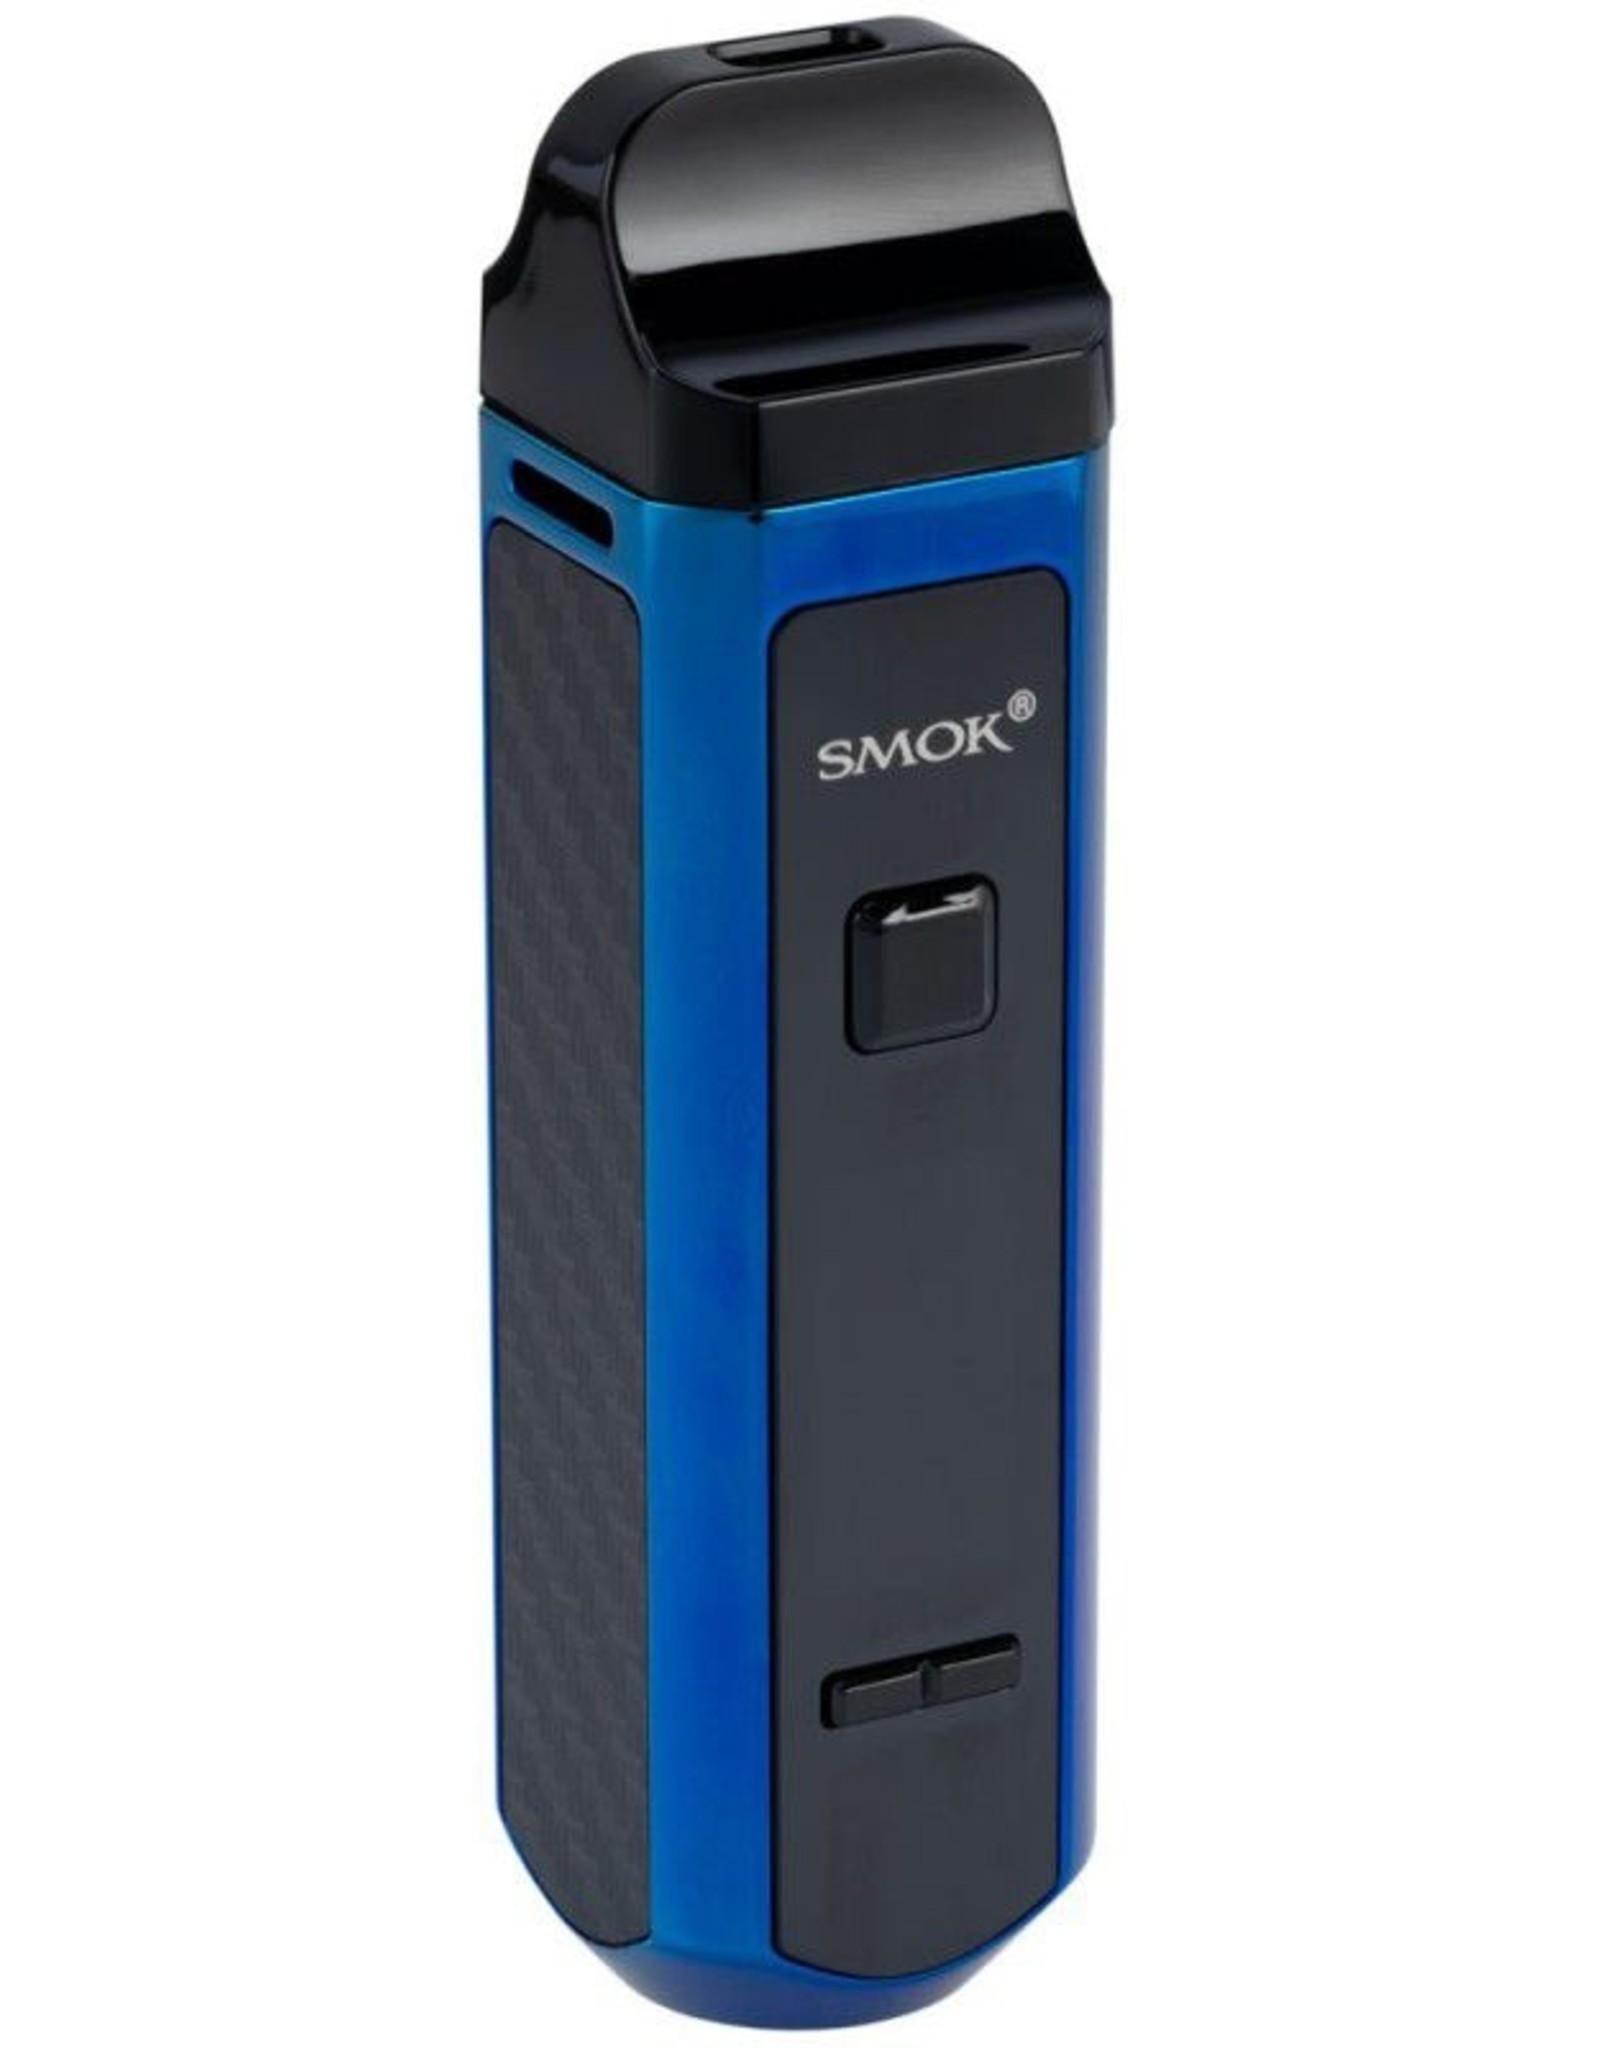 Smok RPM 40 By Smok